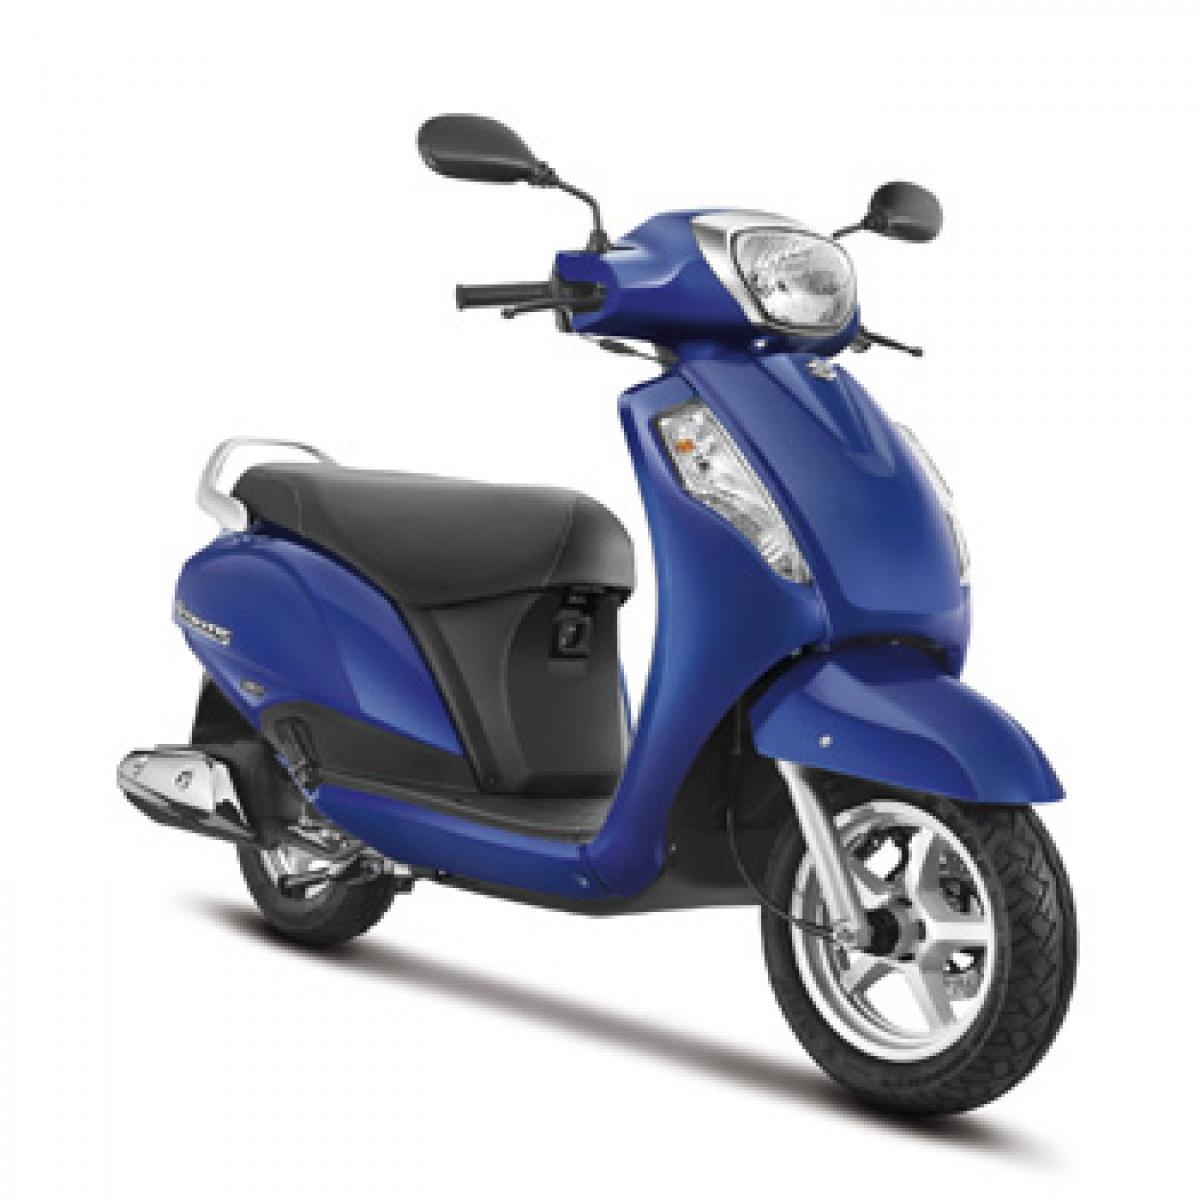 Suzuki launches ACCESS 125